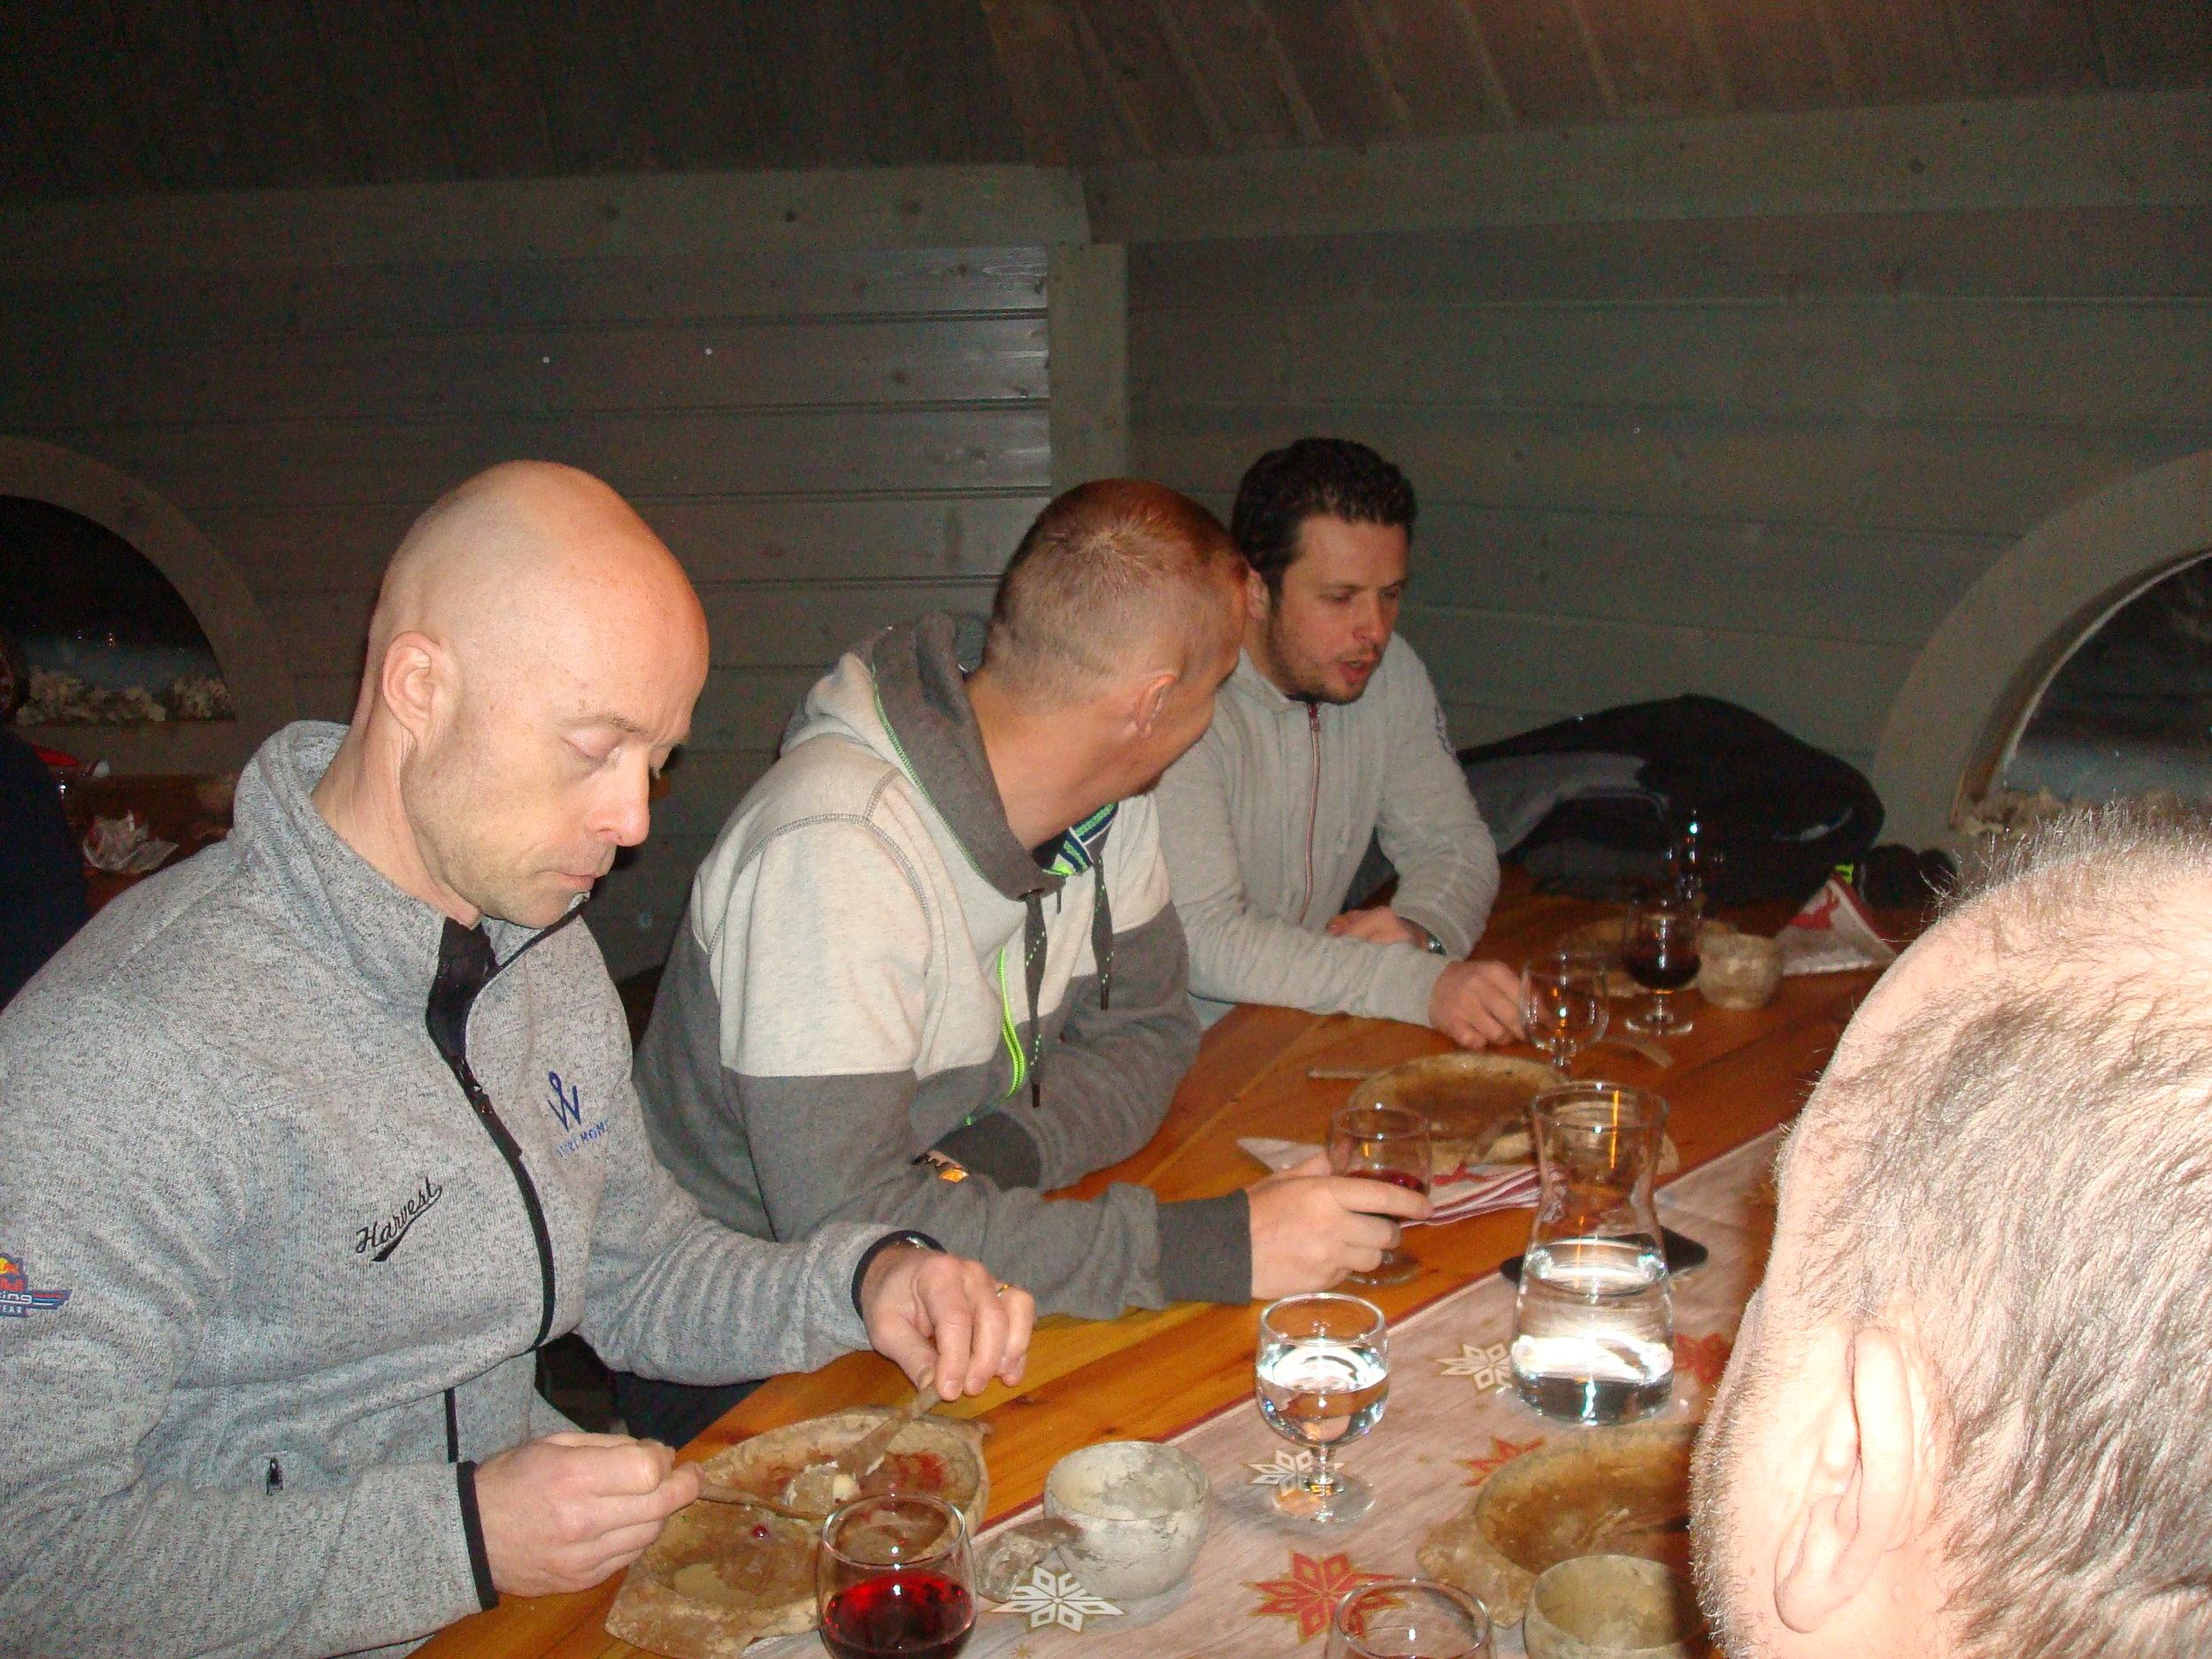 ...sekä Atte Varsta (tallipäällikkö) ja ranskalaiset Guerlaine Chicherit ja Stephane Orre (tiimin omistaja ja kisainsinööri